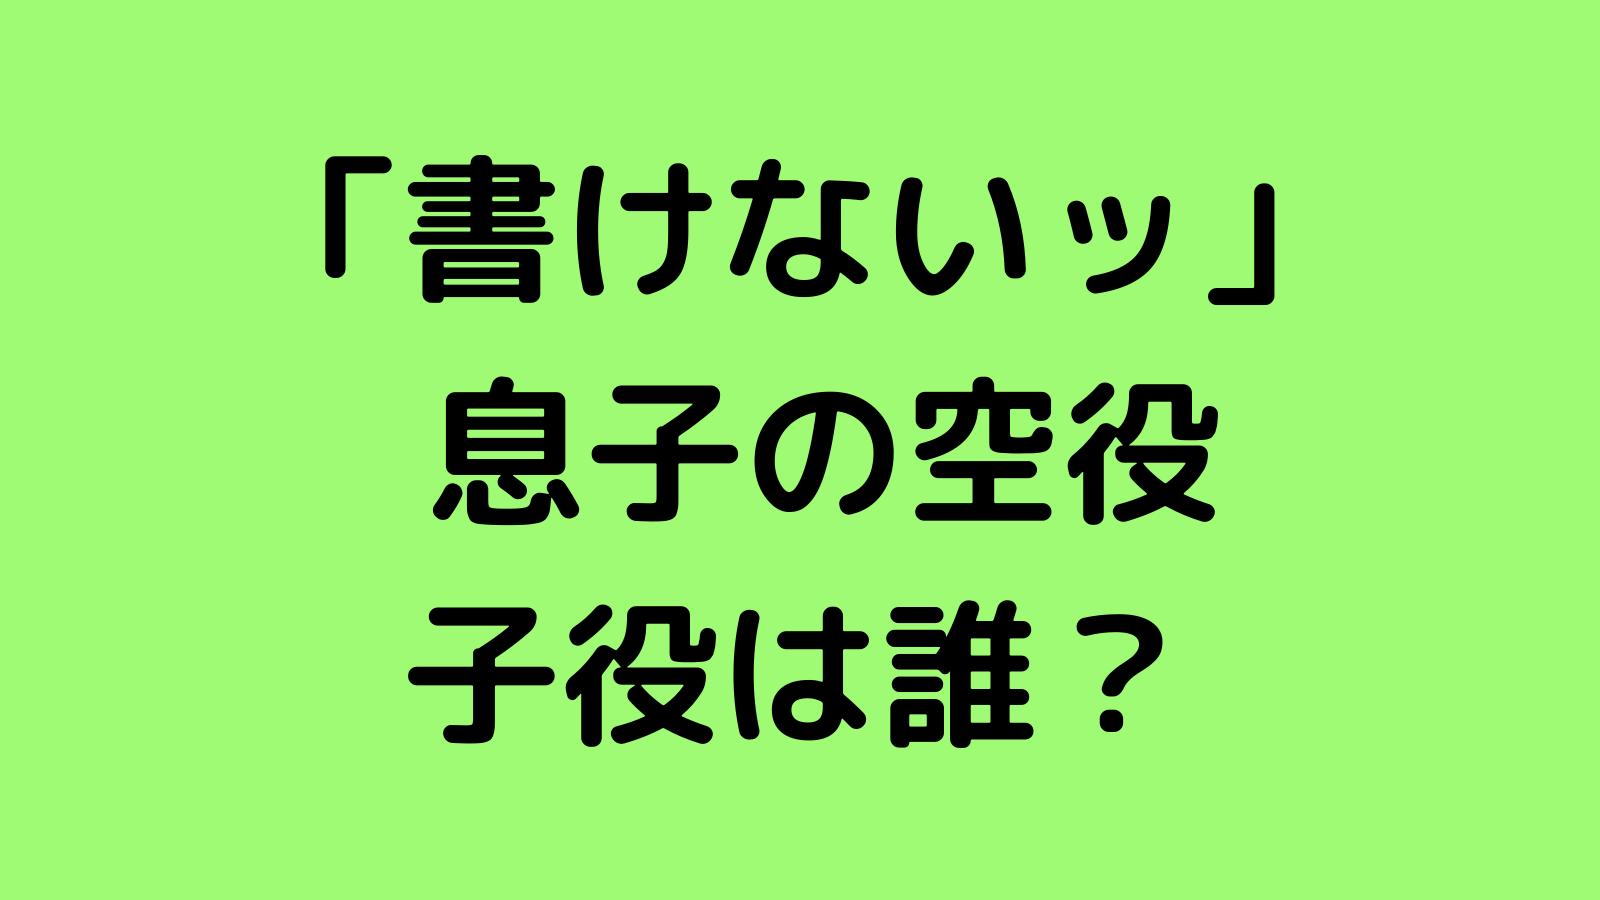 書けないッ|息子・空役の子役キャストは誰?潤浩(ユンホ)のwikiプロフィール・経歴やかわいい画像を紹介